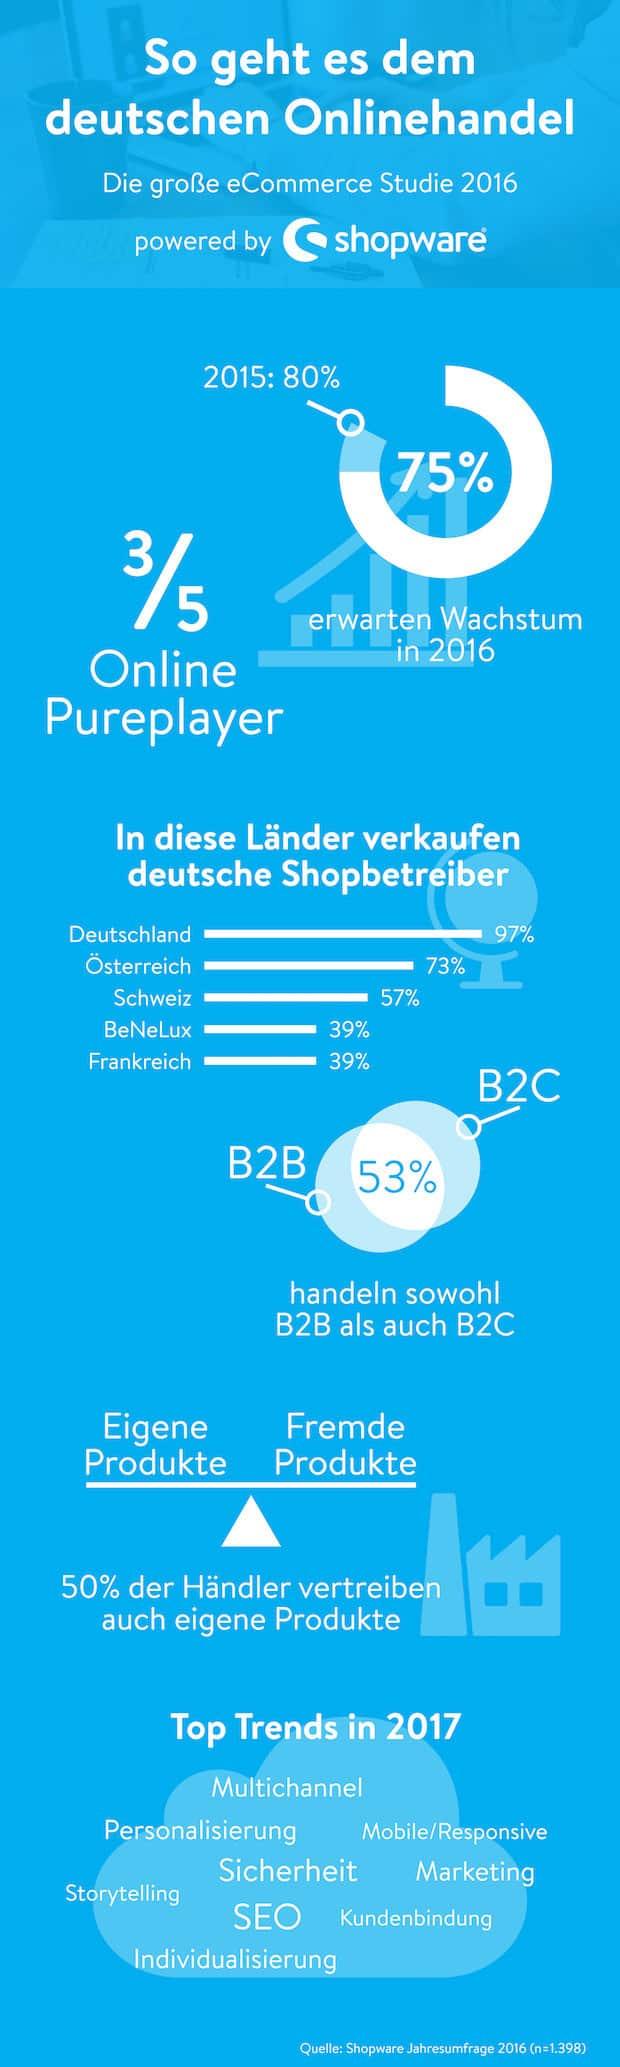 Photo of 75 Prozent der deutschen Onlinehändler erwarten deutliches Wachstum